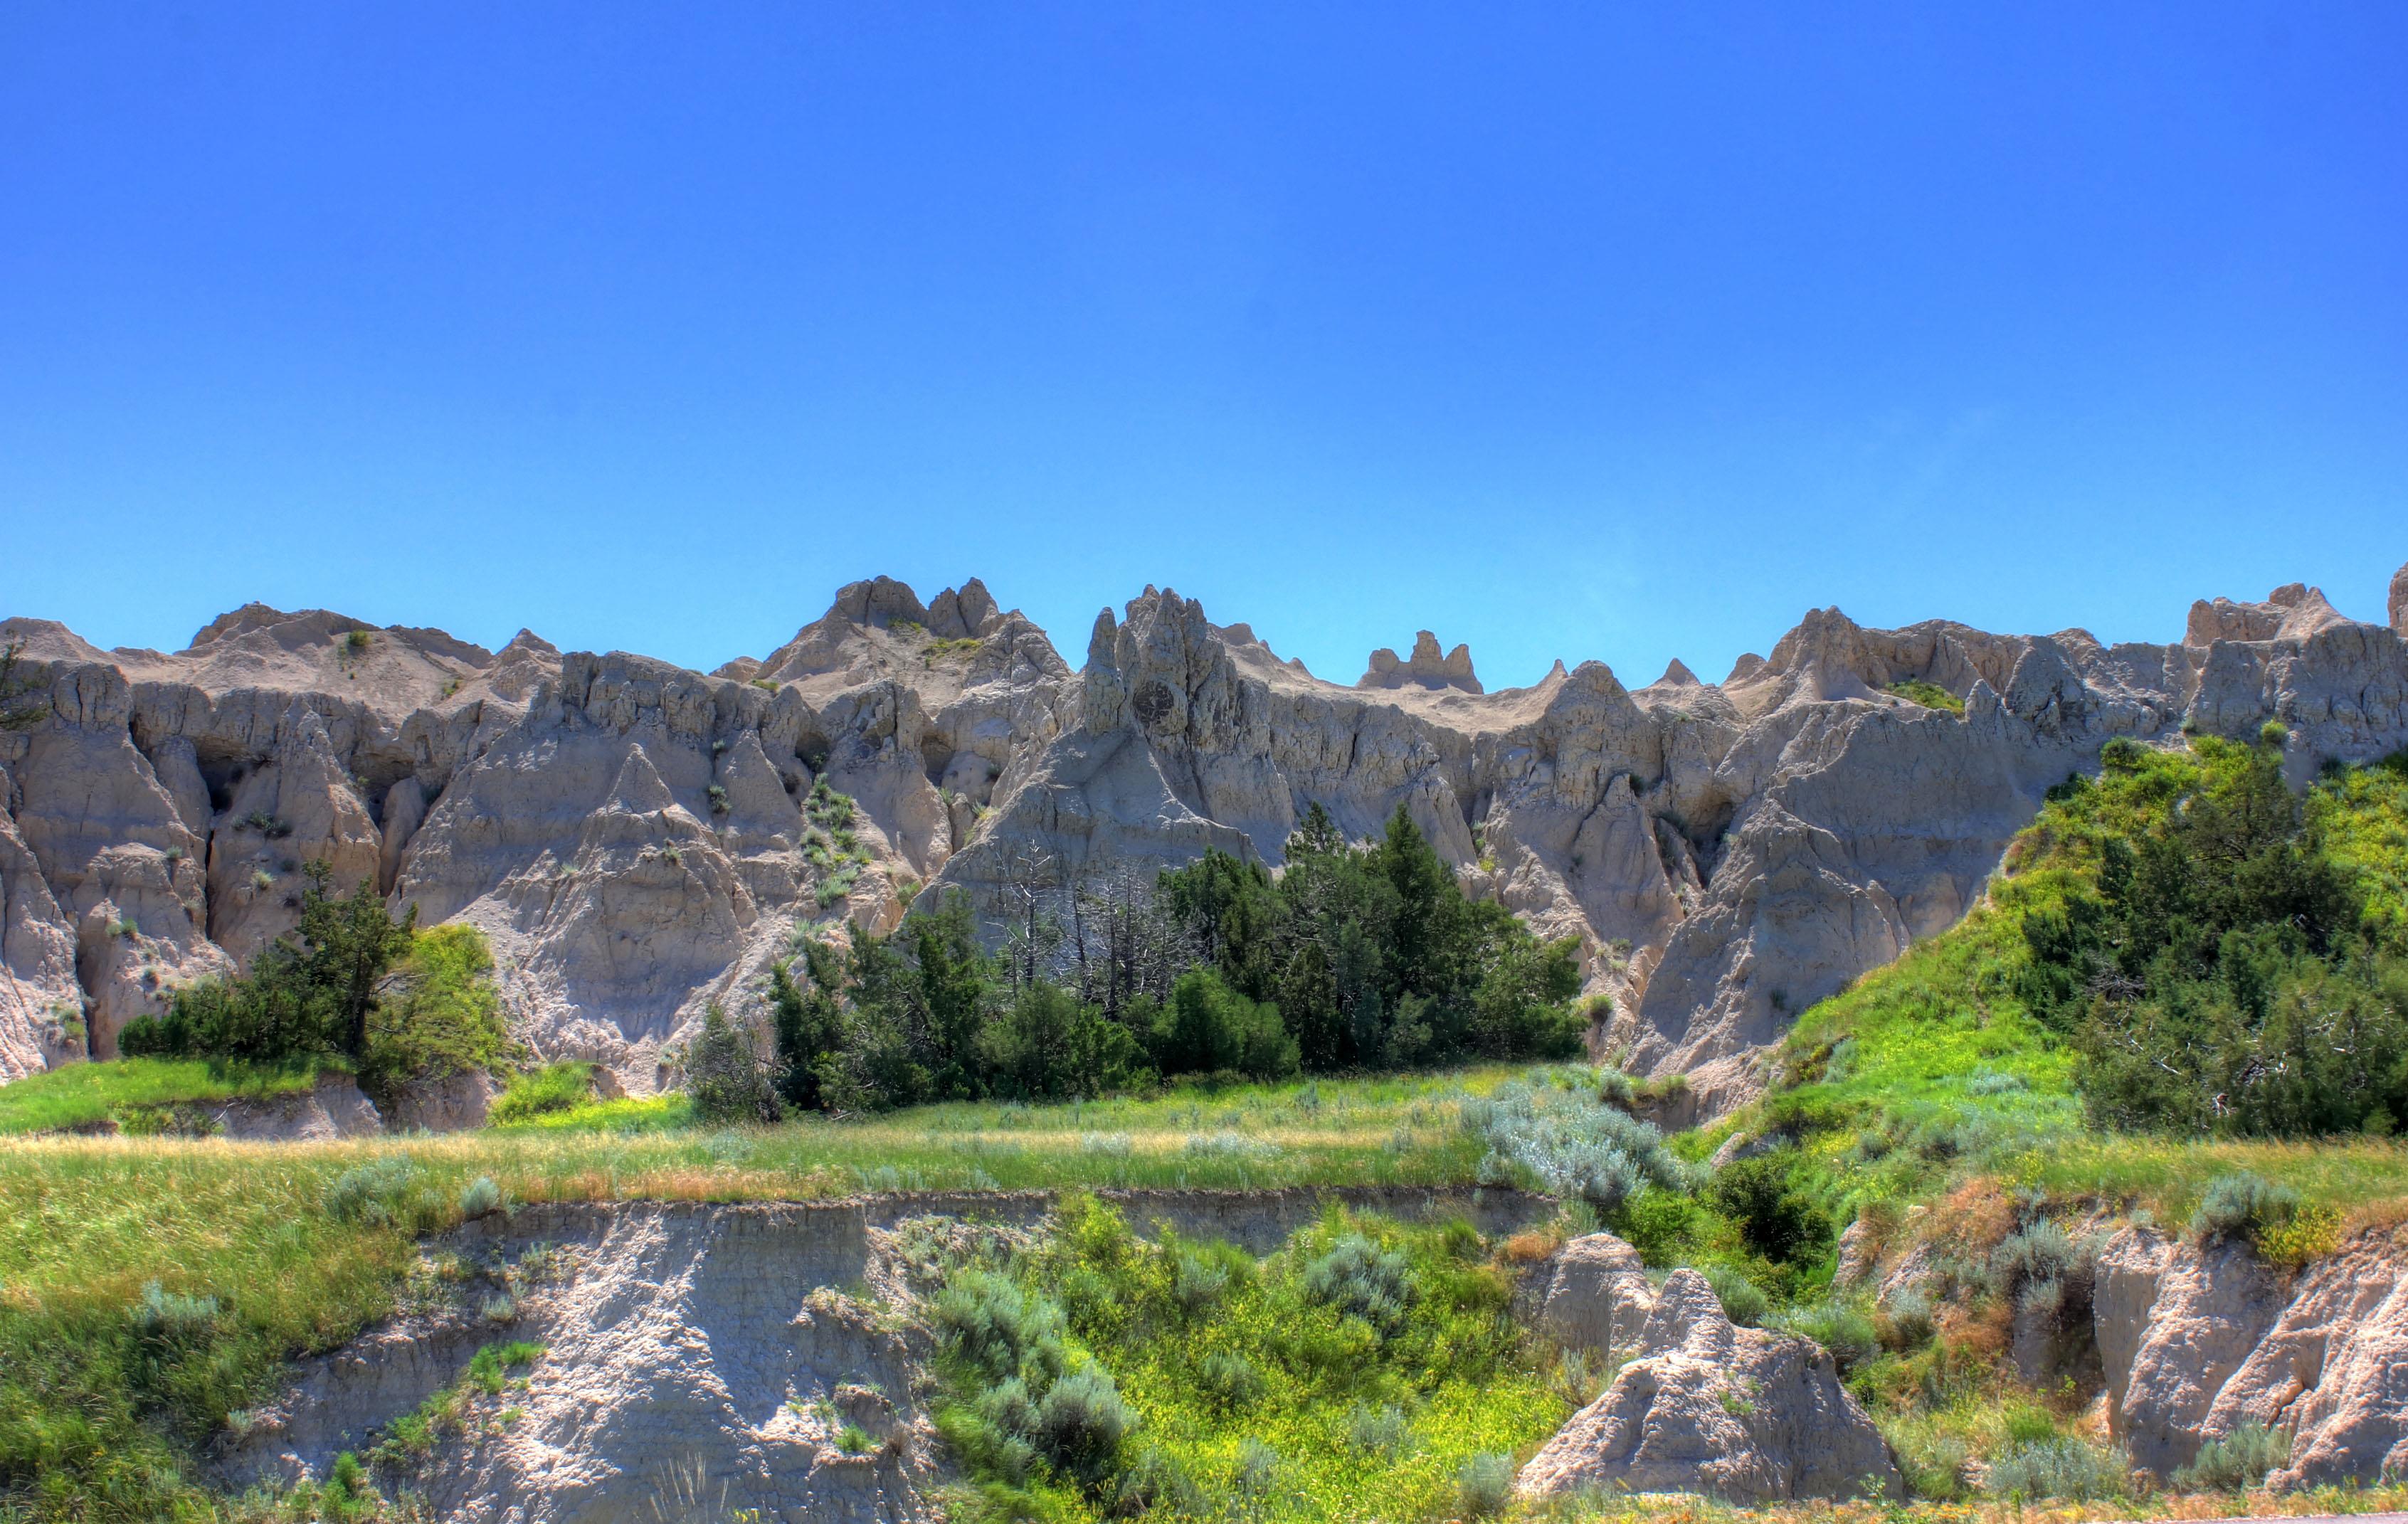 Hills by the roadside at Badlands National Park, South Dakota.